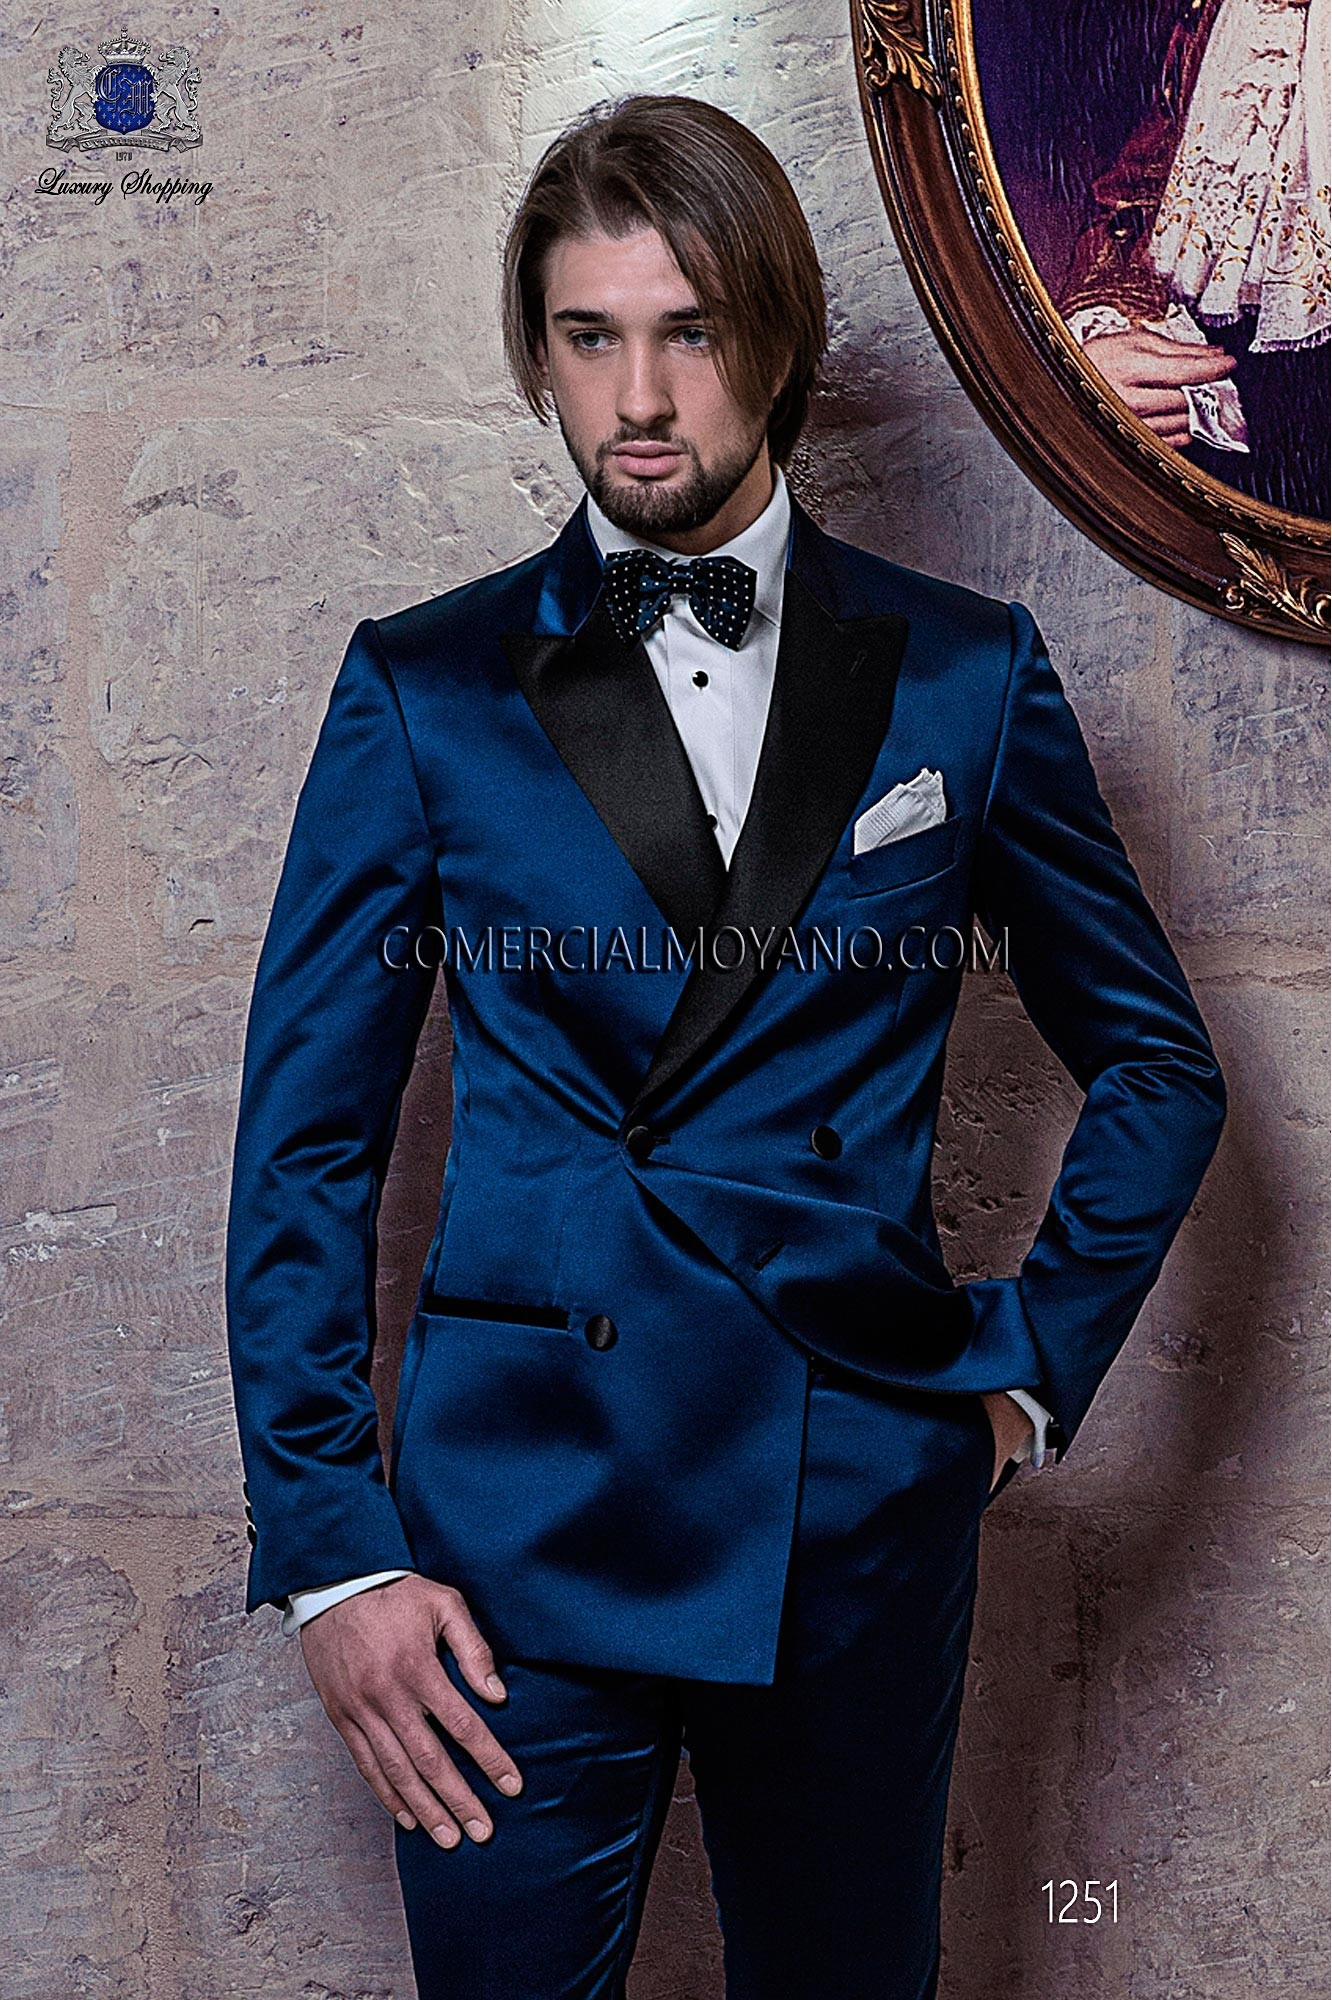 Traje BlackTie de novio azul modelo: 1251 Ottavio Nuccio Gala colección Black Tie